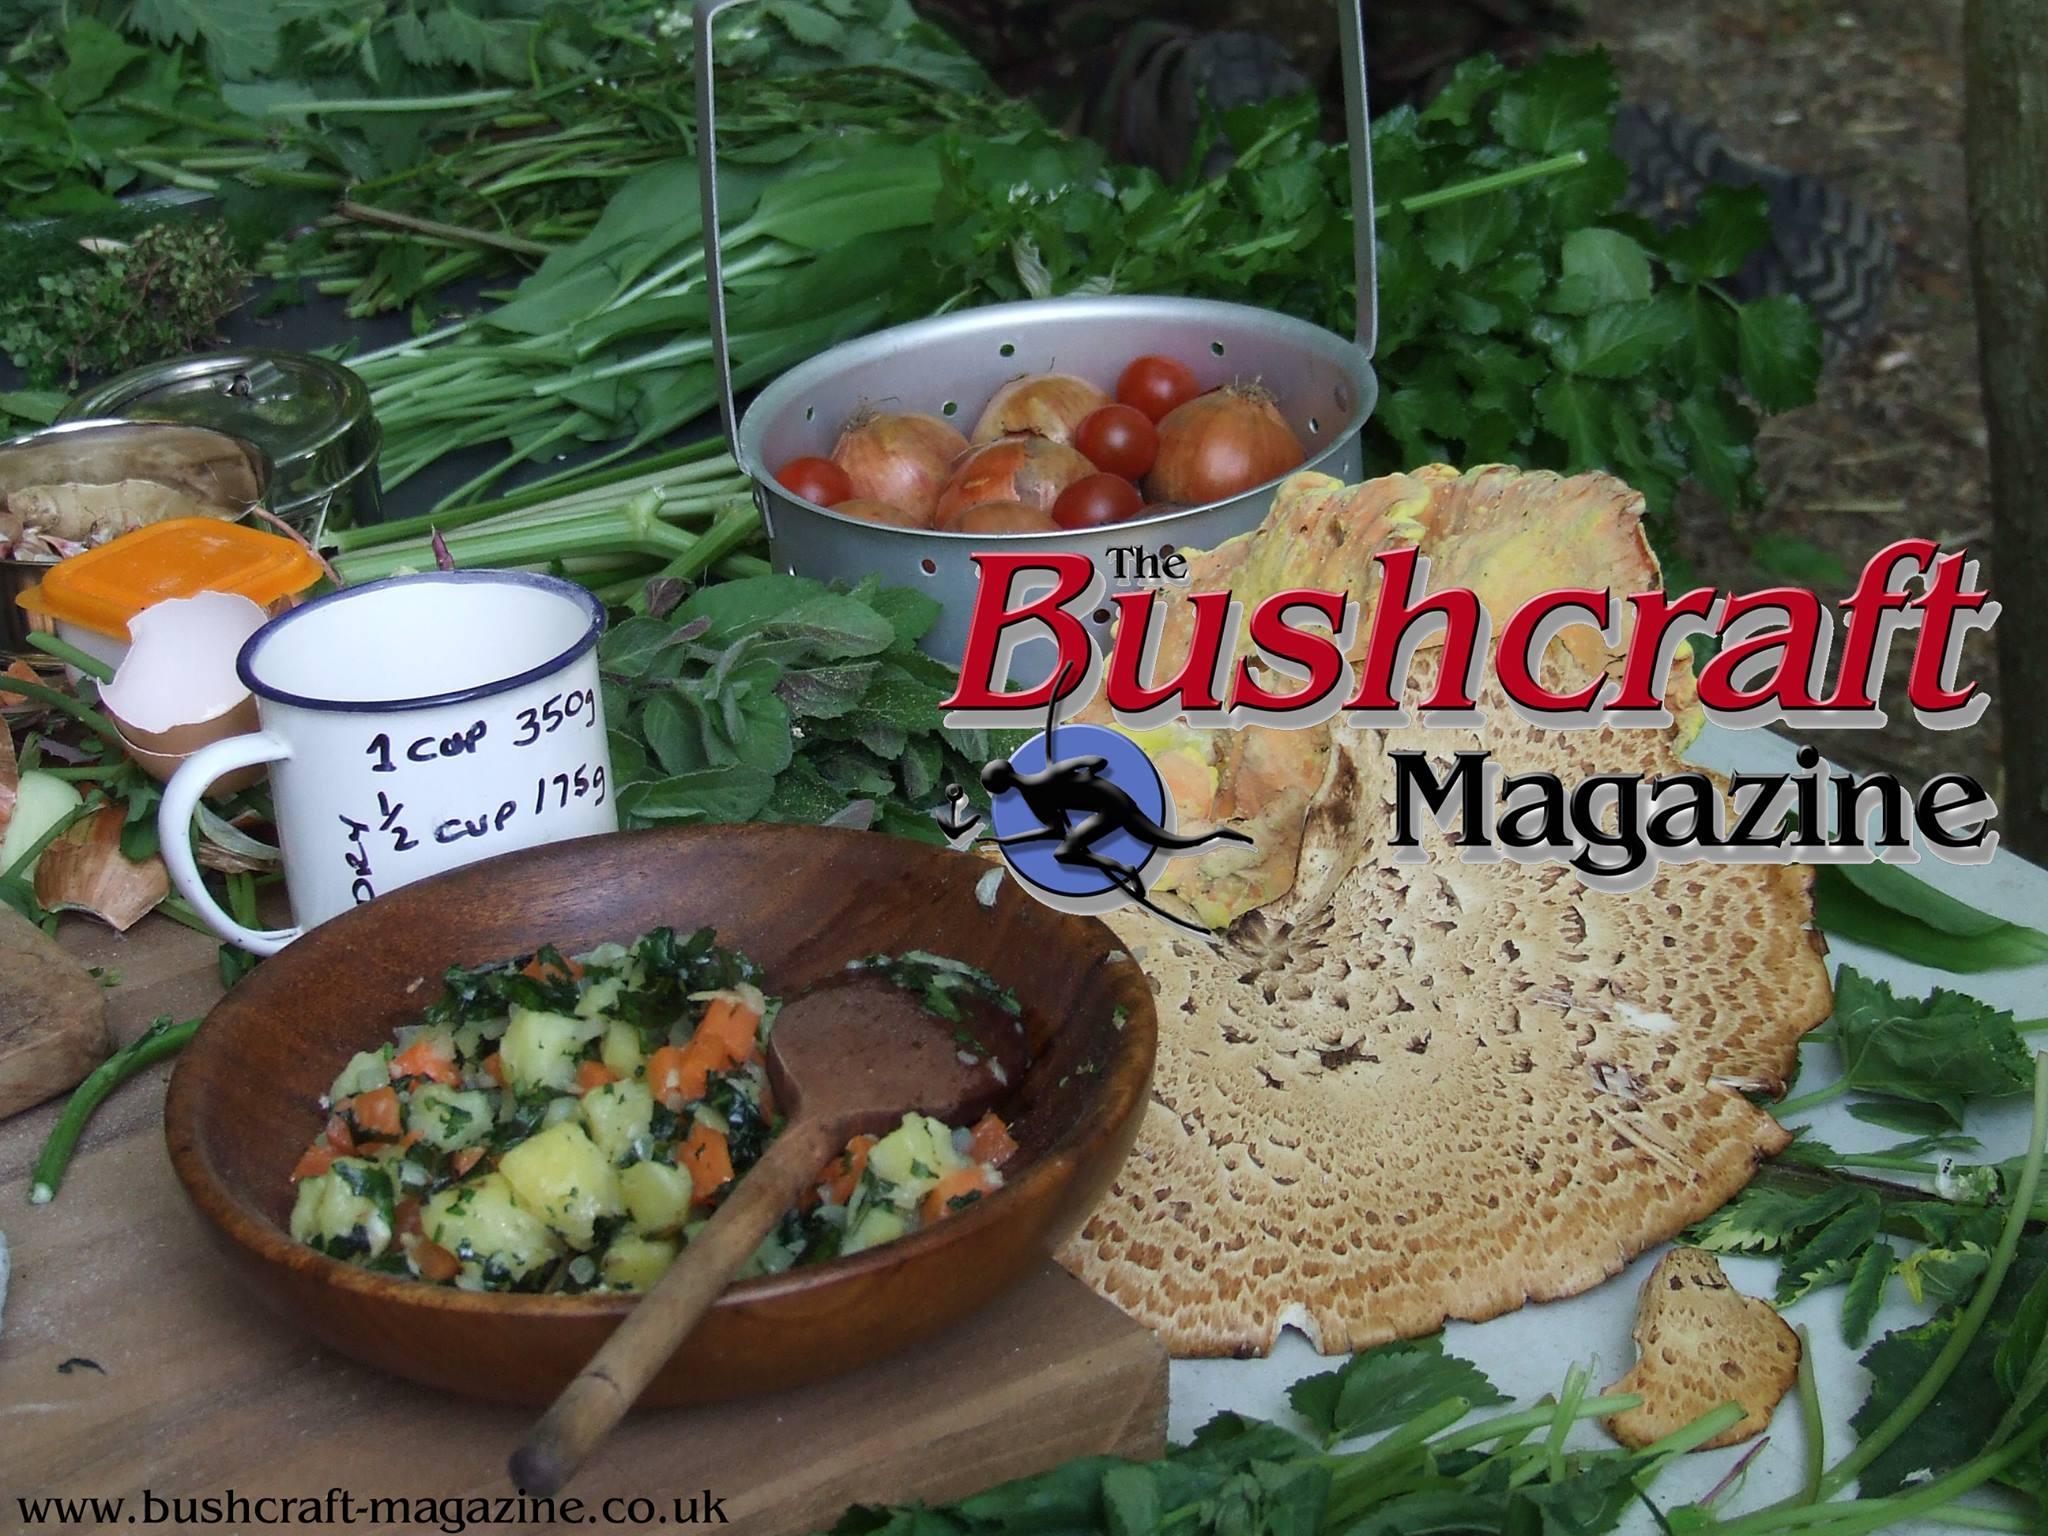 The Bushcraft Magazine.jpg